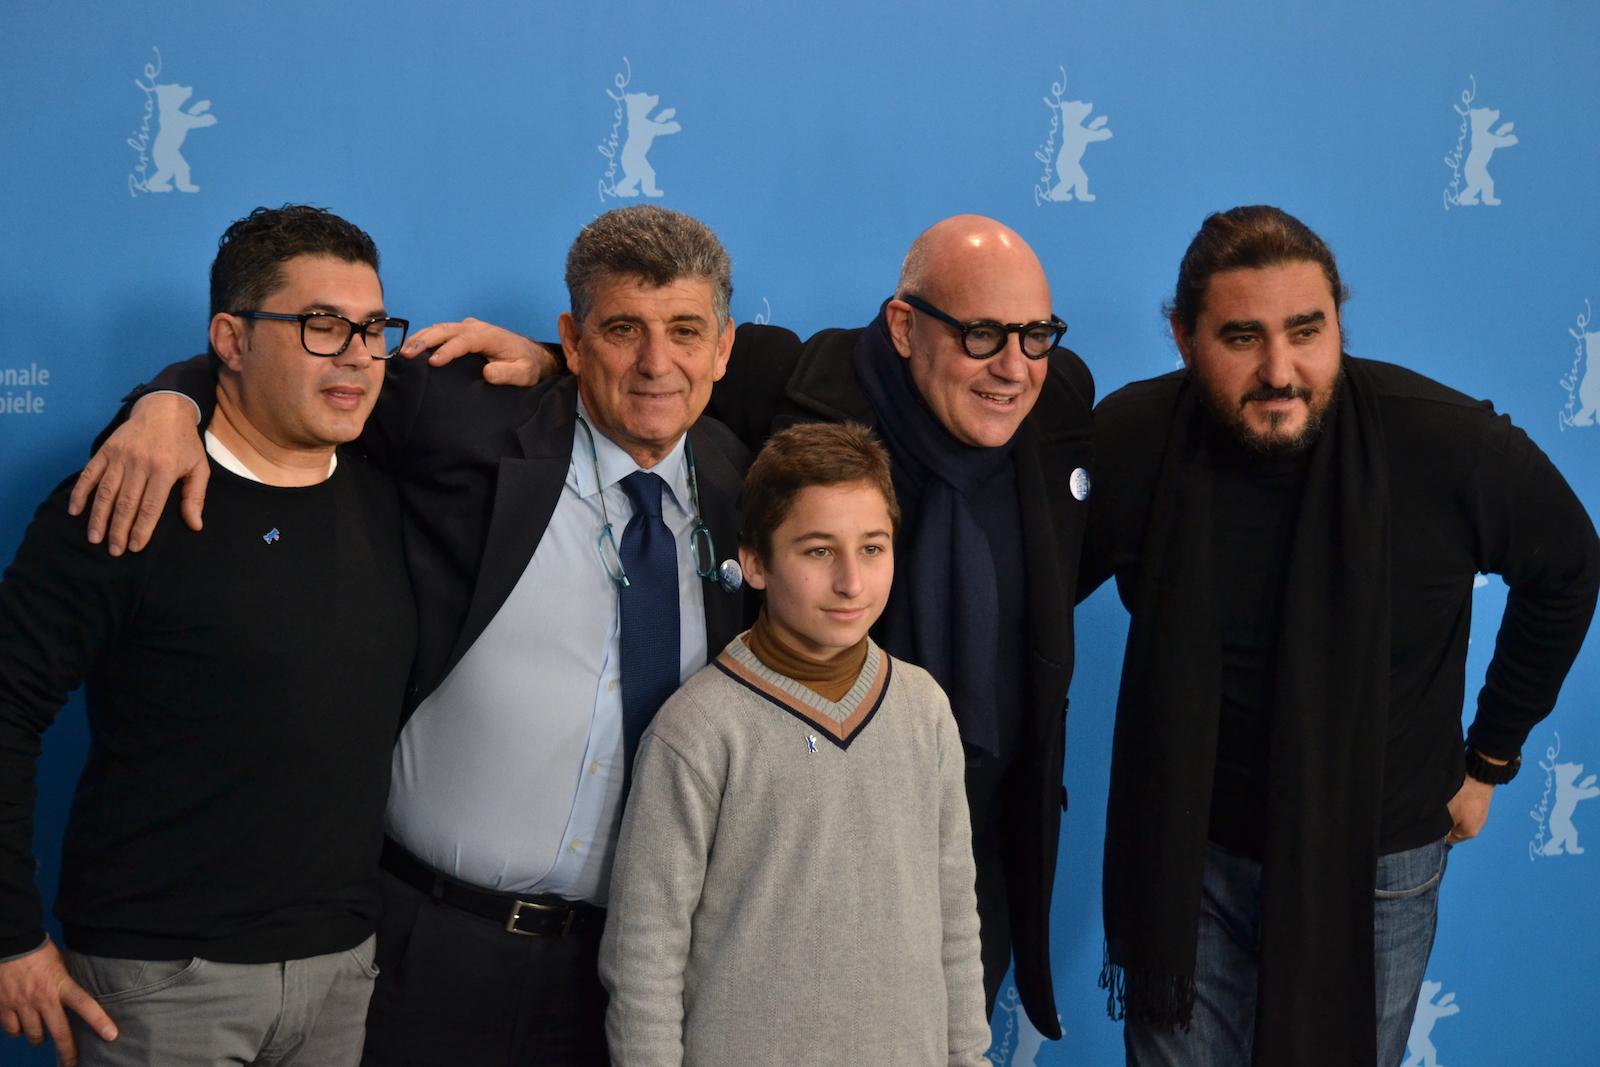 Berlino 2016: Samuele Puccillo, il regista Gianfranco Rosi, Pietro Bartolo davanti ai fotografi al photocall di Fuocoammare